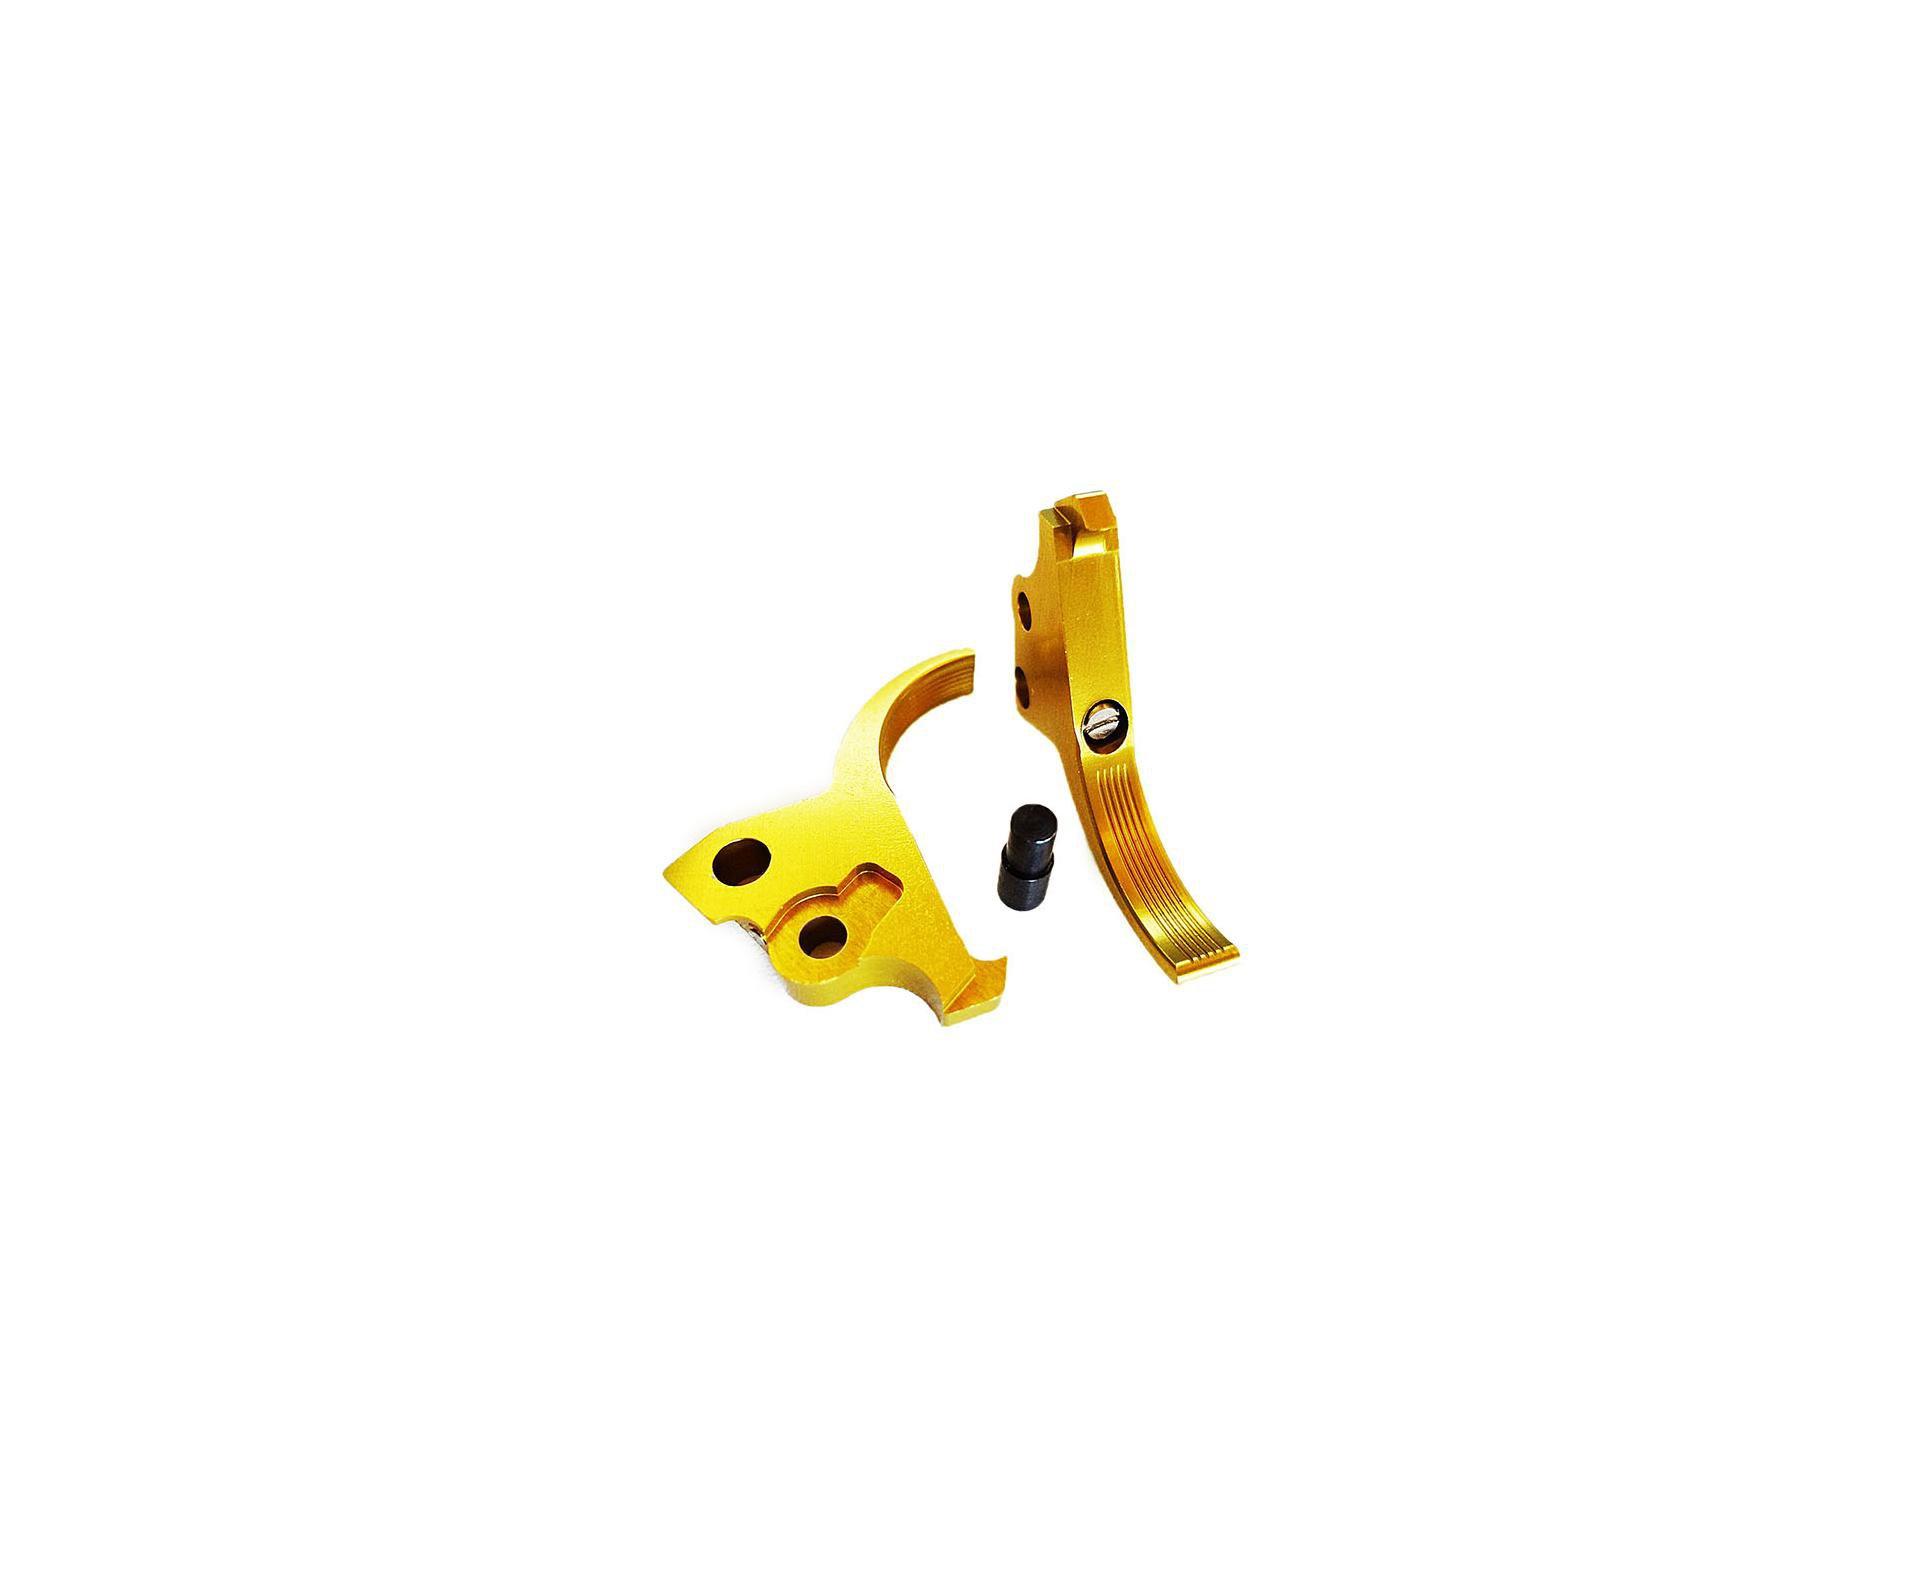 Lâmina Do Gatilho Ajustável Carabina Gamo Modelo Novo Todas - Quickshot